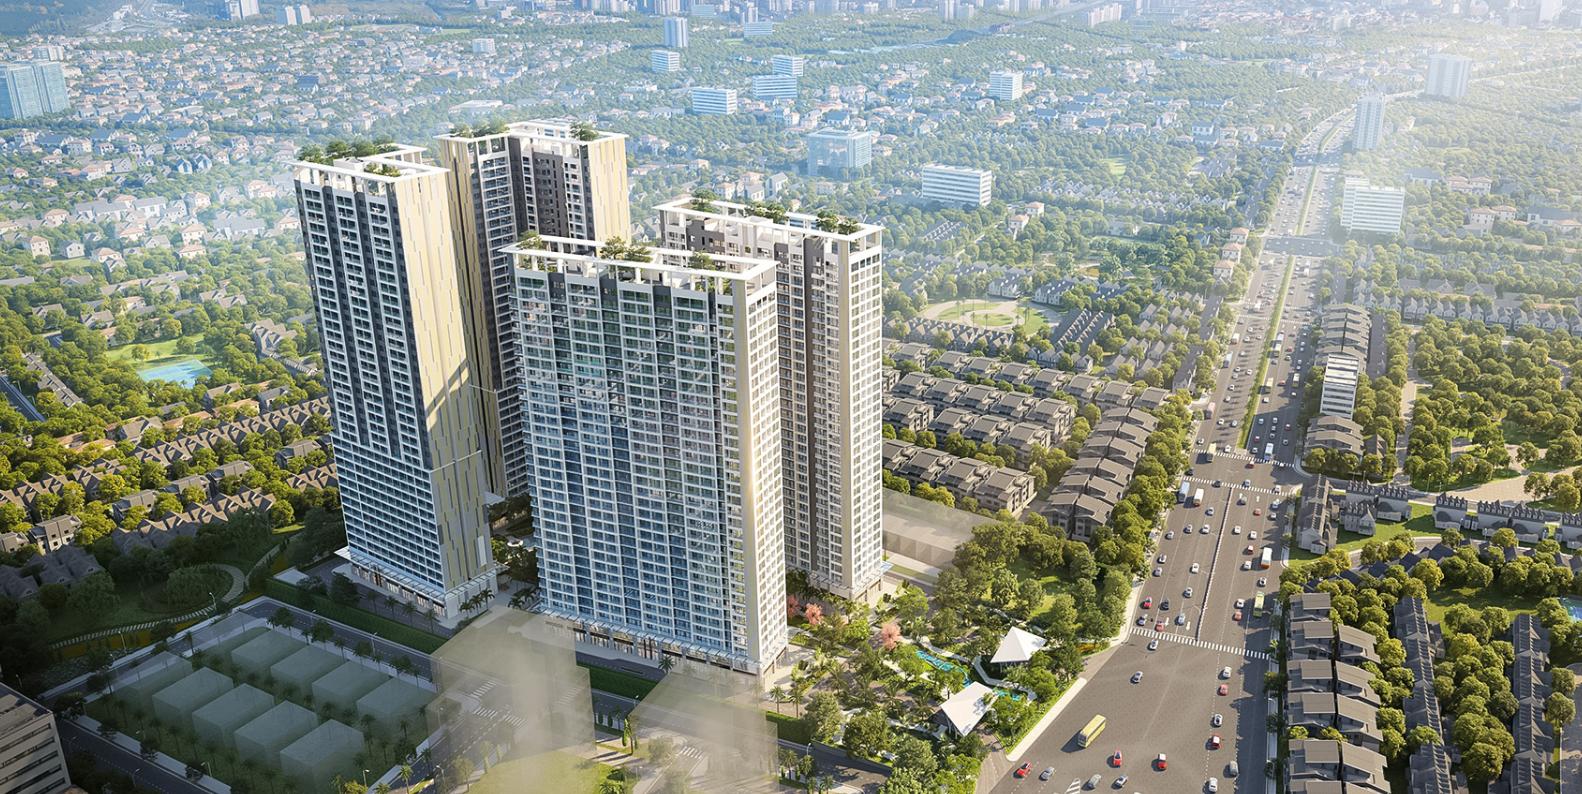 Đất nền Saigon West Garden Bình Tân dự án phát triển dân cư